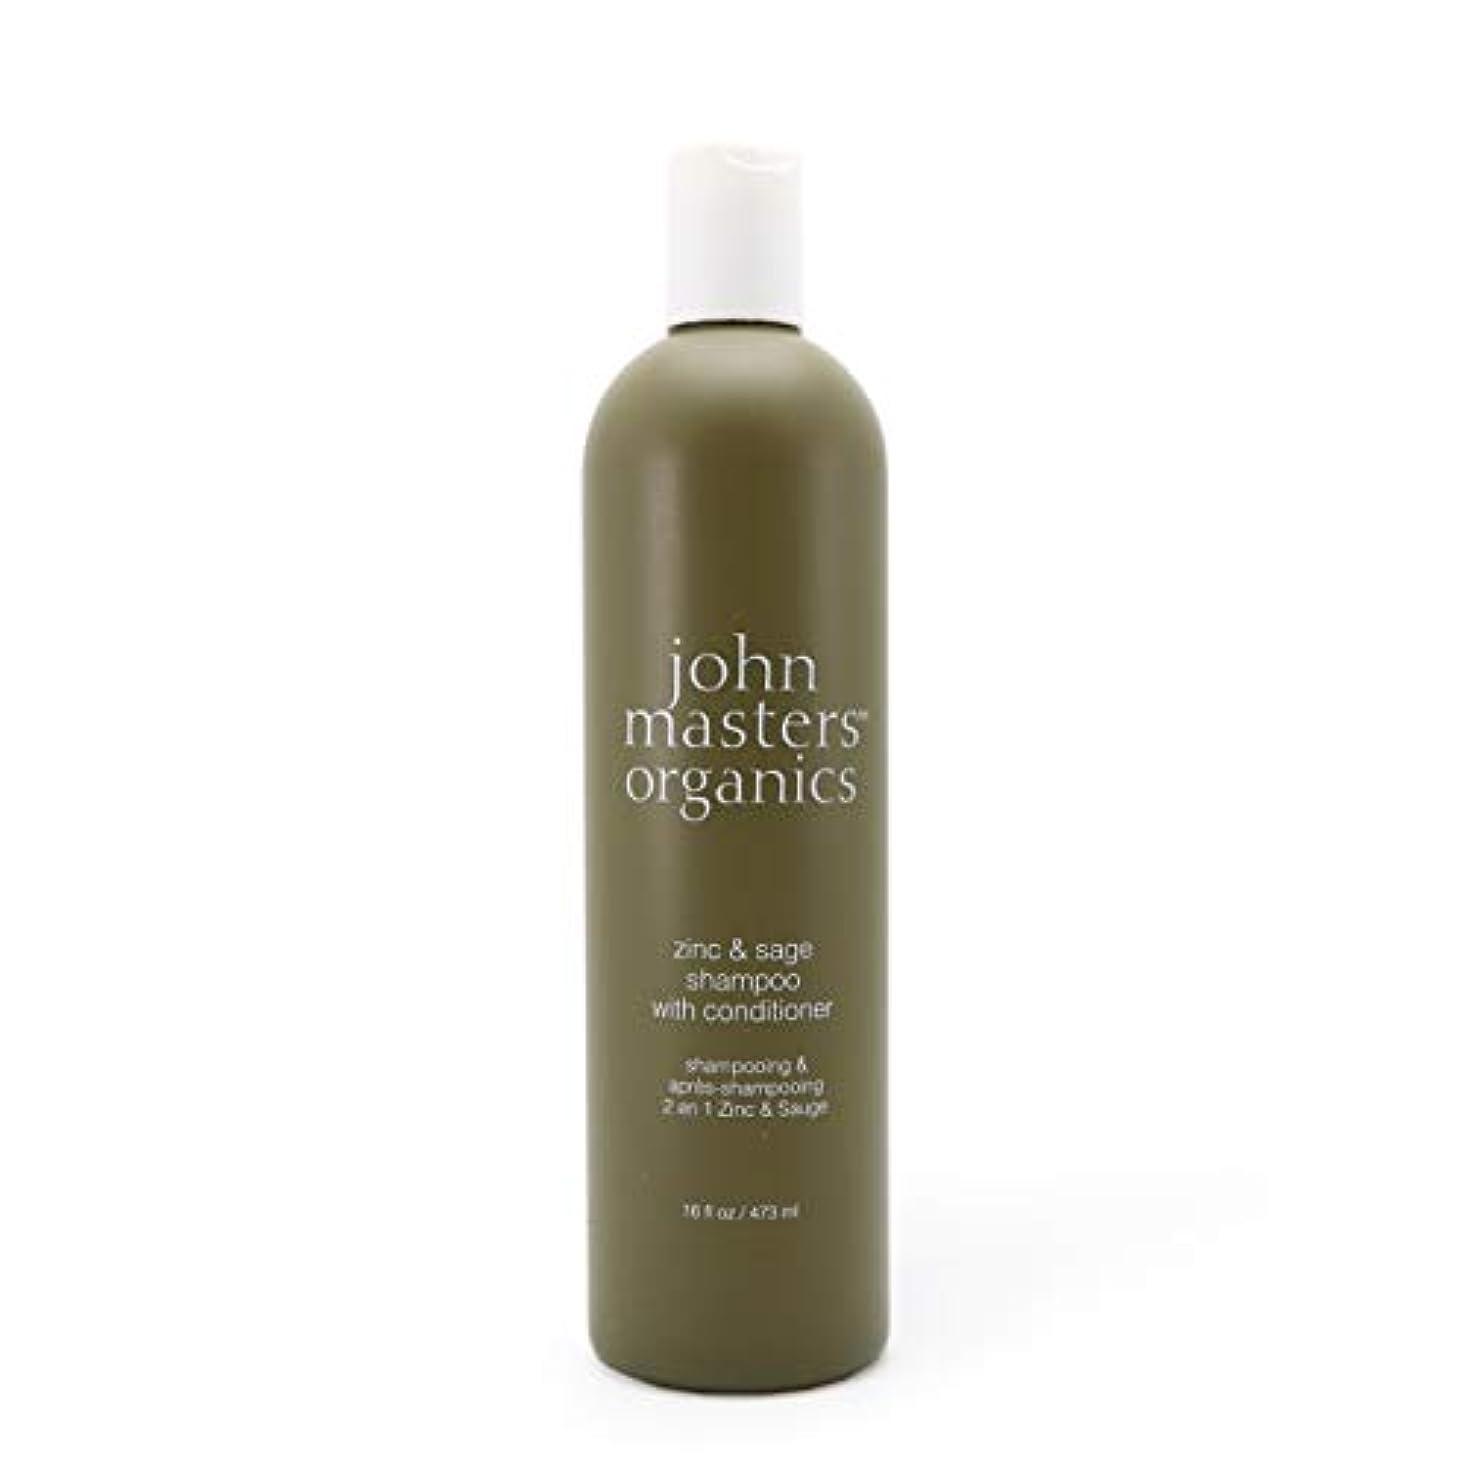 器官知覚的ノートジョンマスターオーガニック(john masters organics) Z&Sコンディショニングシャンプー N(ジン&セージ)473mL